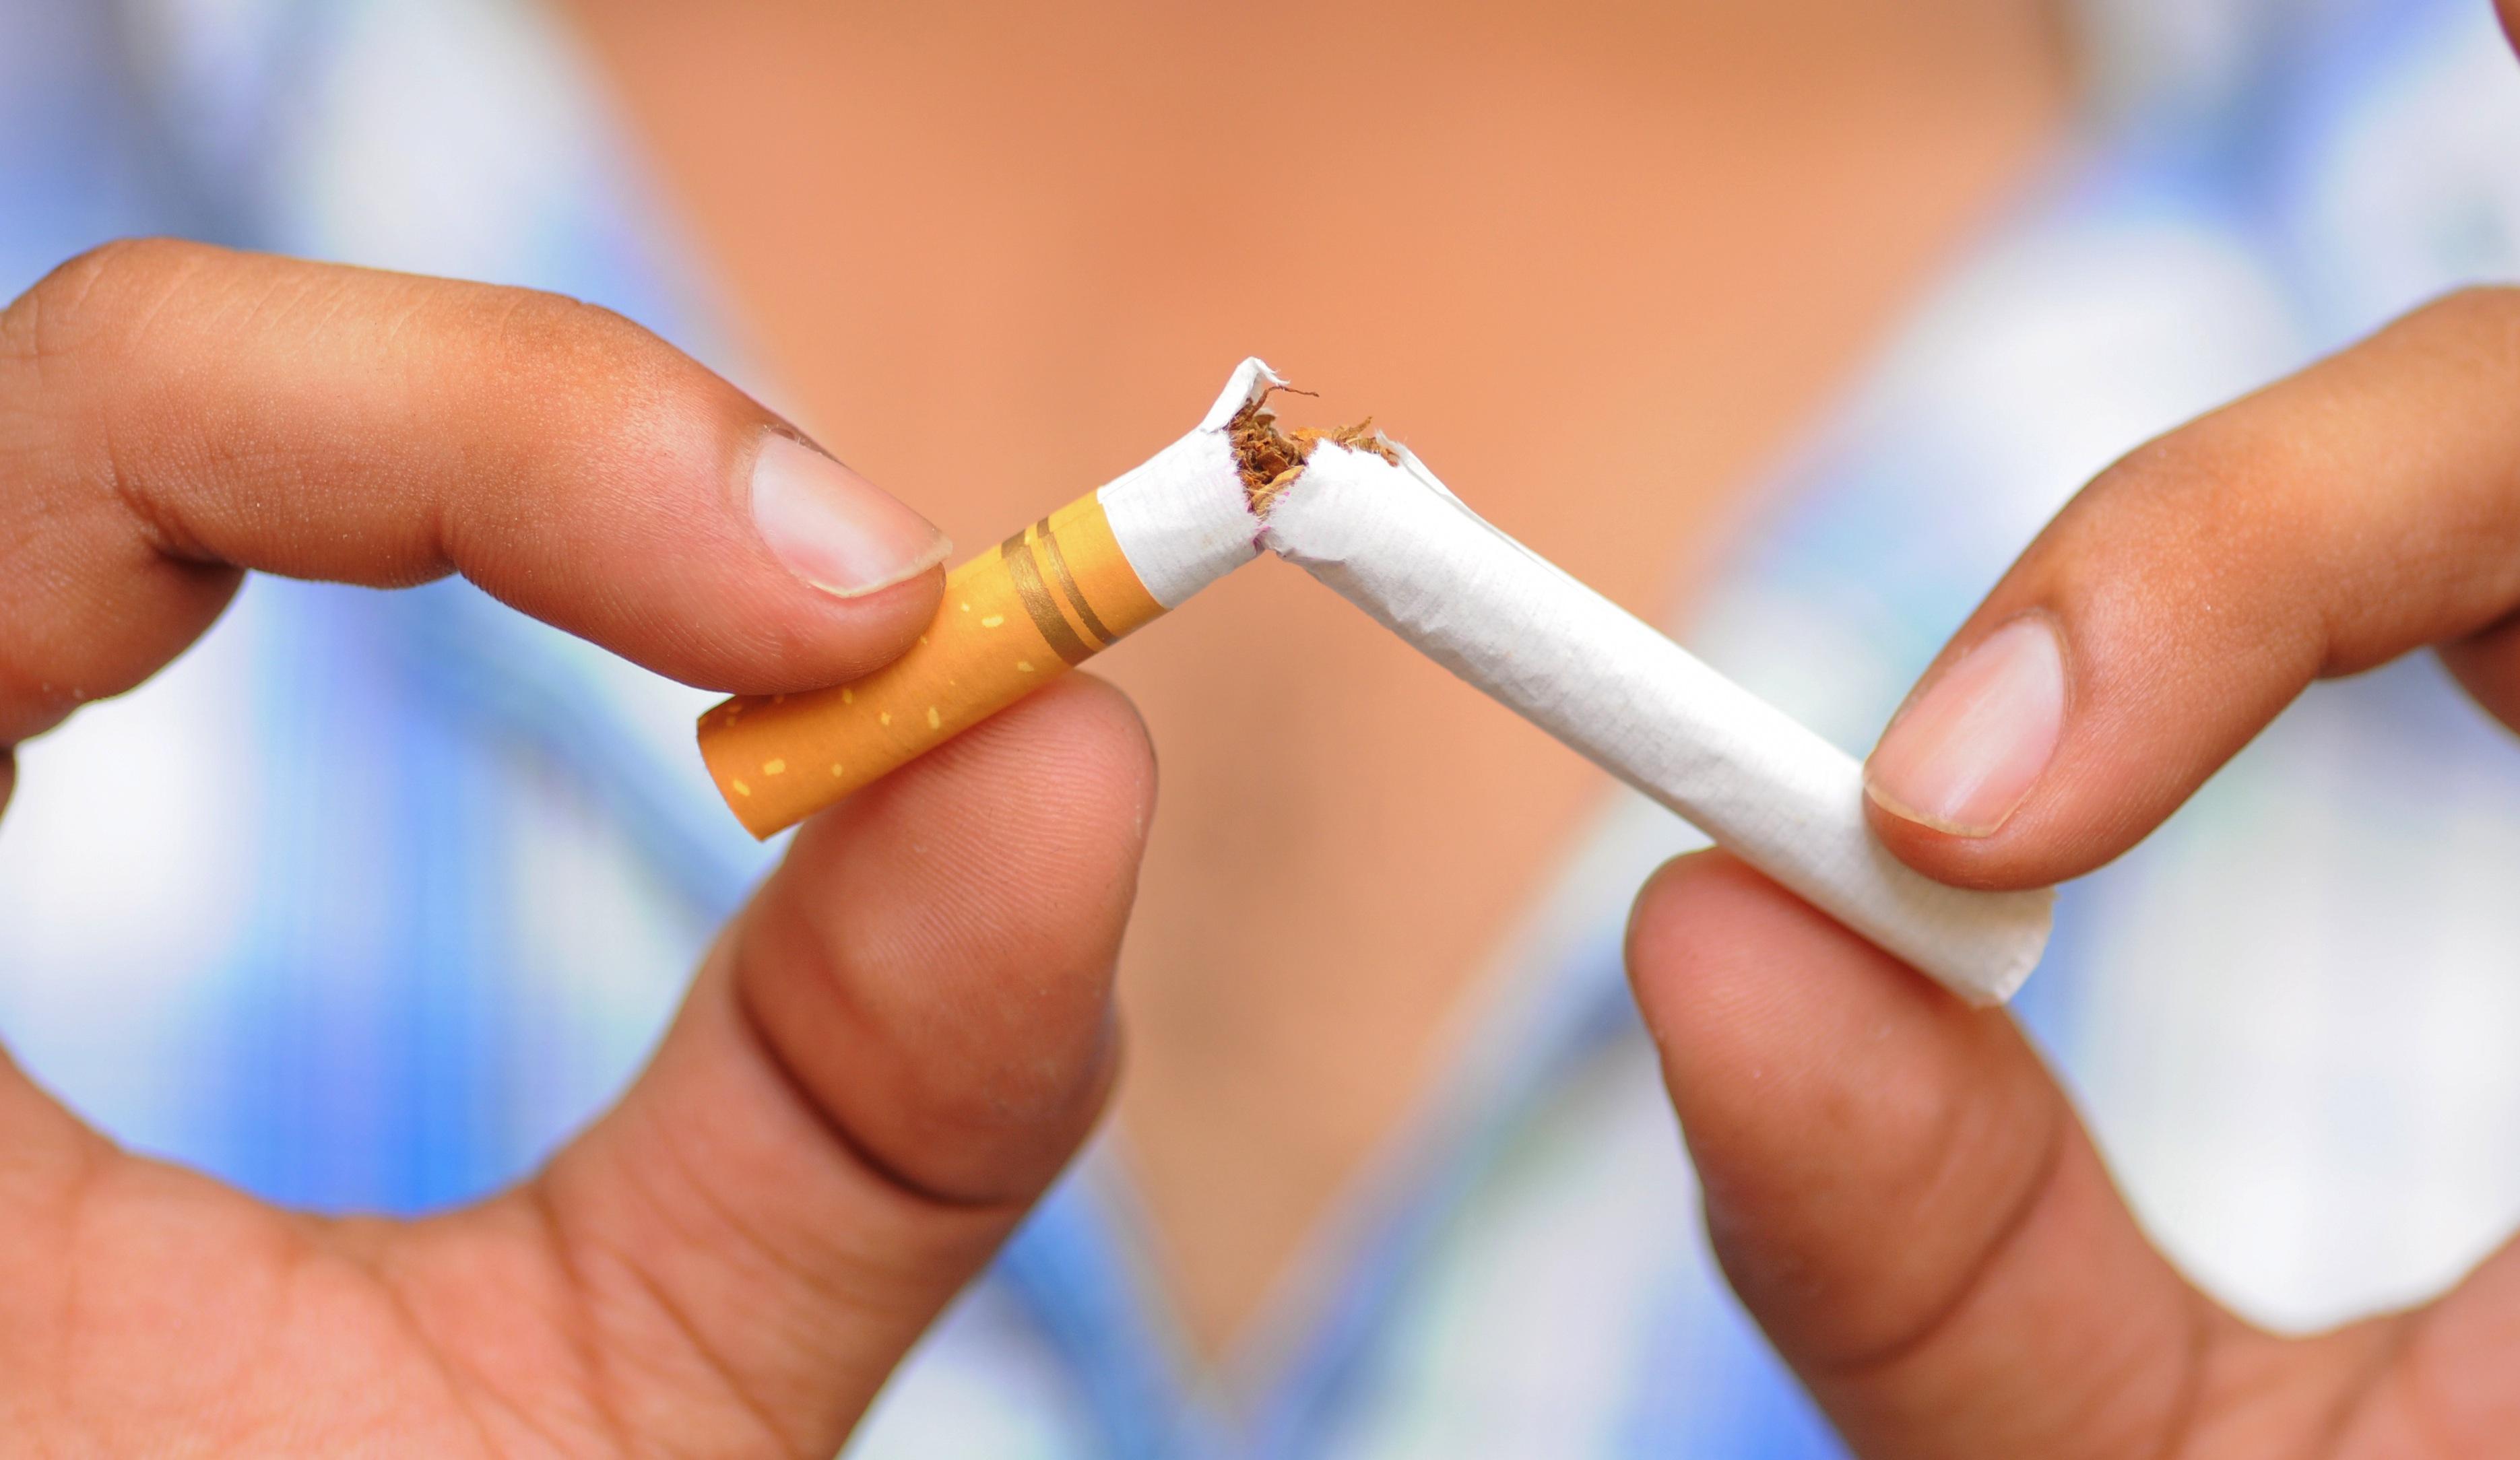 hogyan cserélje ki a cigarettát, amikor leszokik a dohányzásról mi szakítja meg a dohányzás iránti vágyat